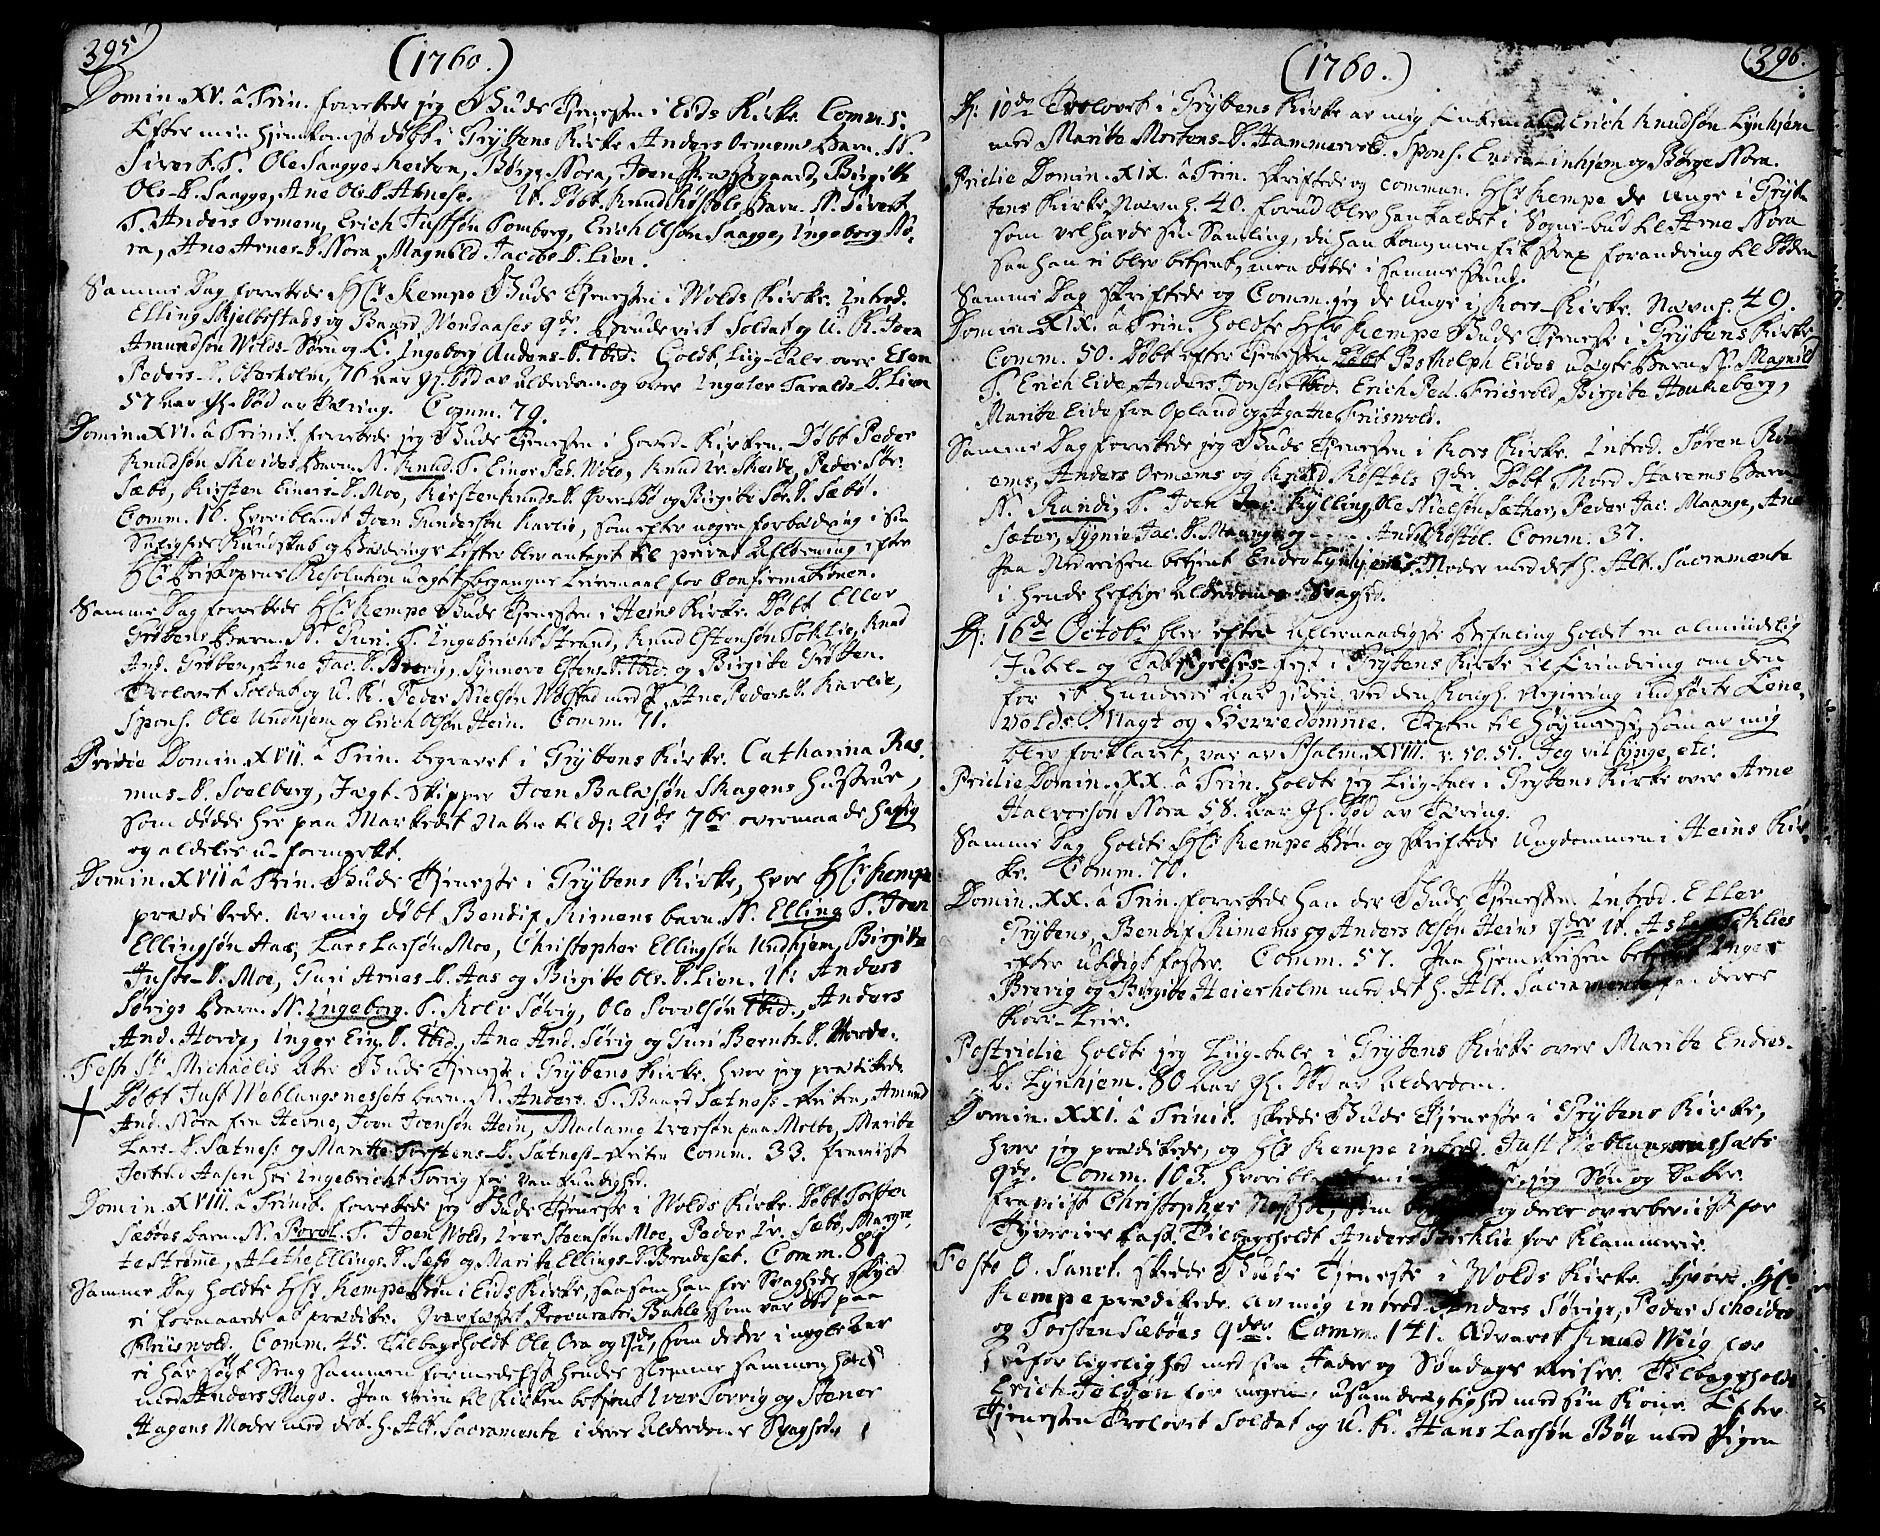 SAT, Ministerialprotokoller, klokkerbøker og fødselsregistre - Møre og Romsdal, 544/L0568: Ministerialbok nr. 544A01, 1725-1763, s. 395-396